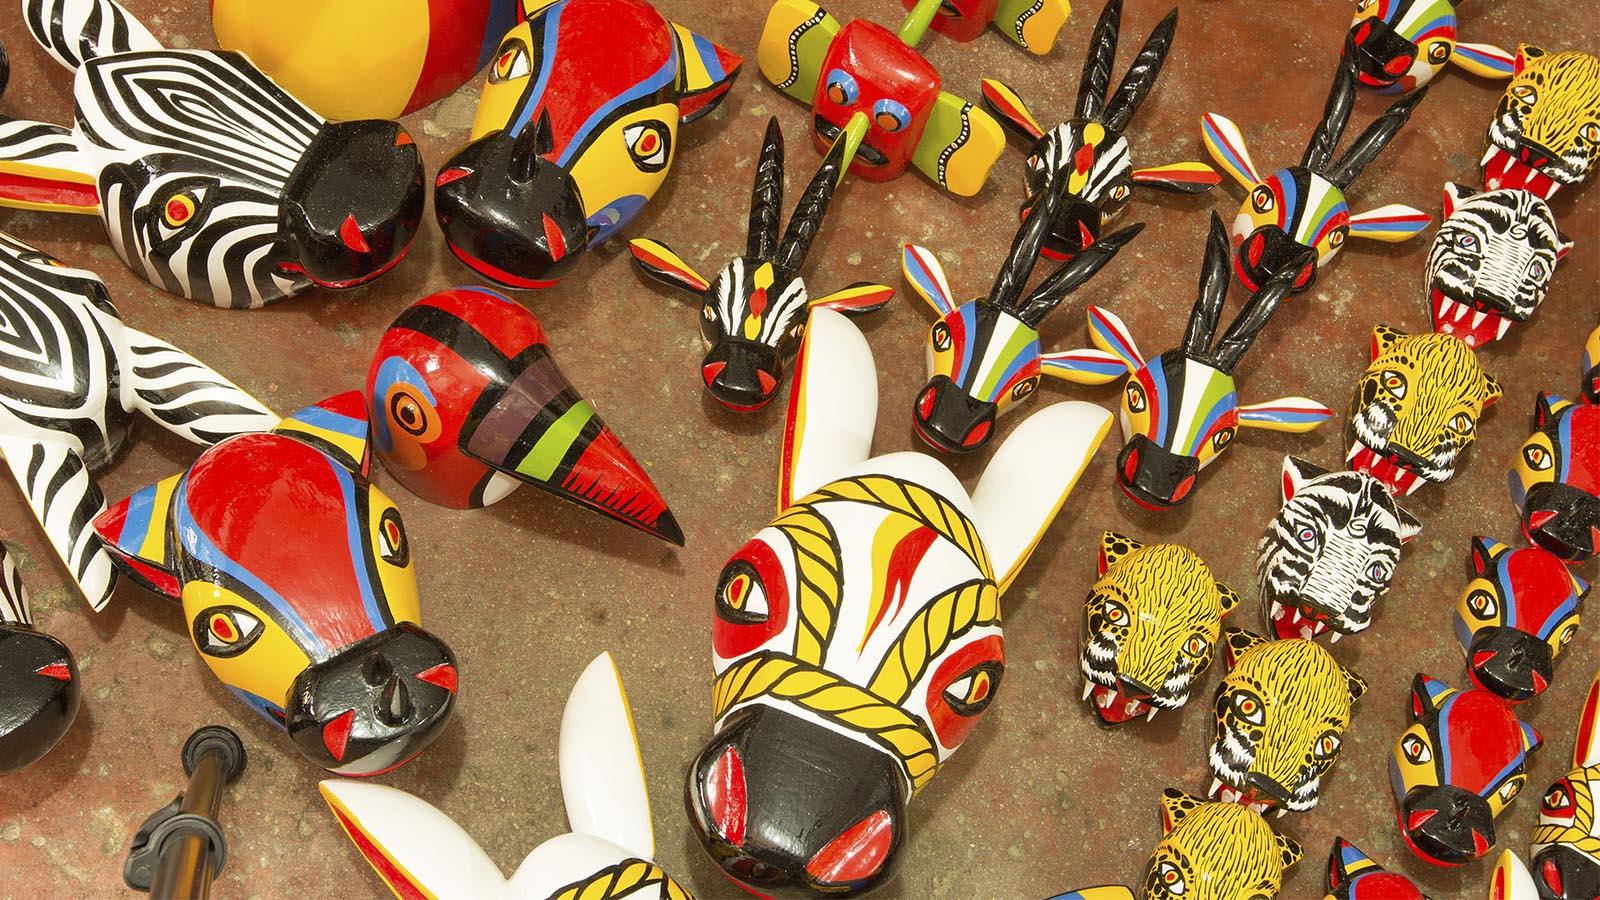 El lio medioambiental que tiene en jaque a los artesanos del Carnaval de Barranquilla